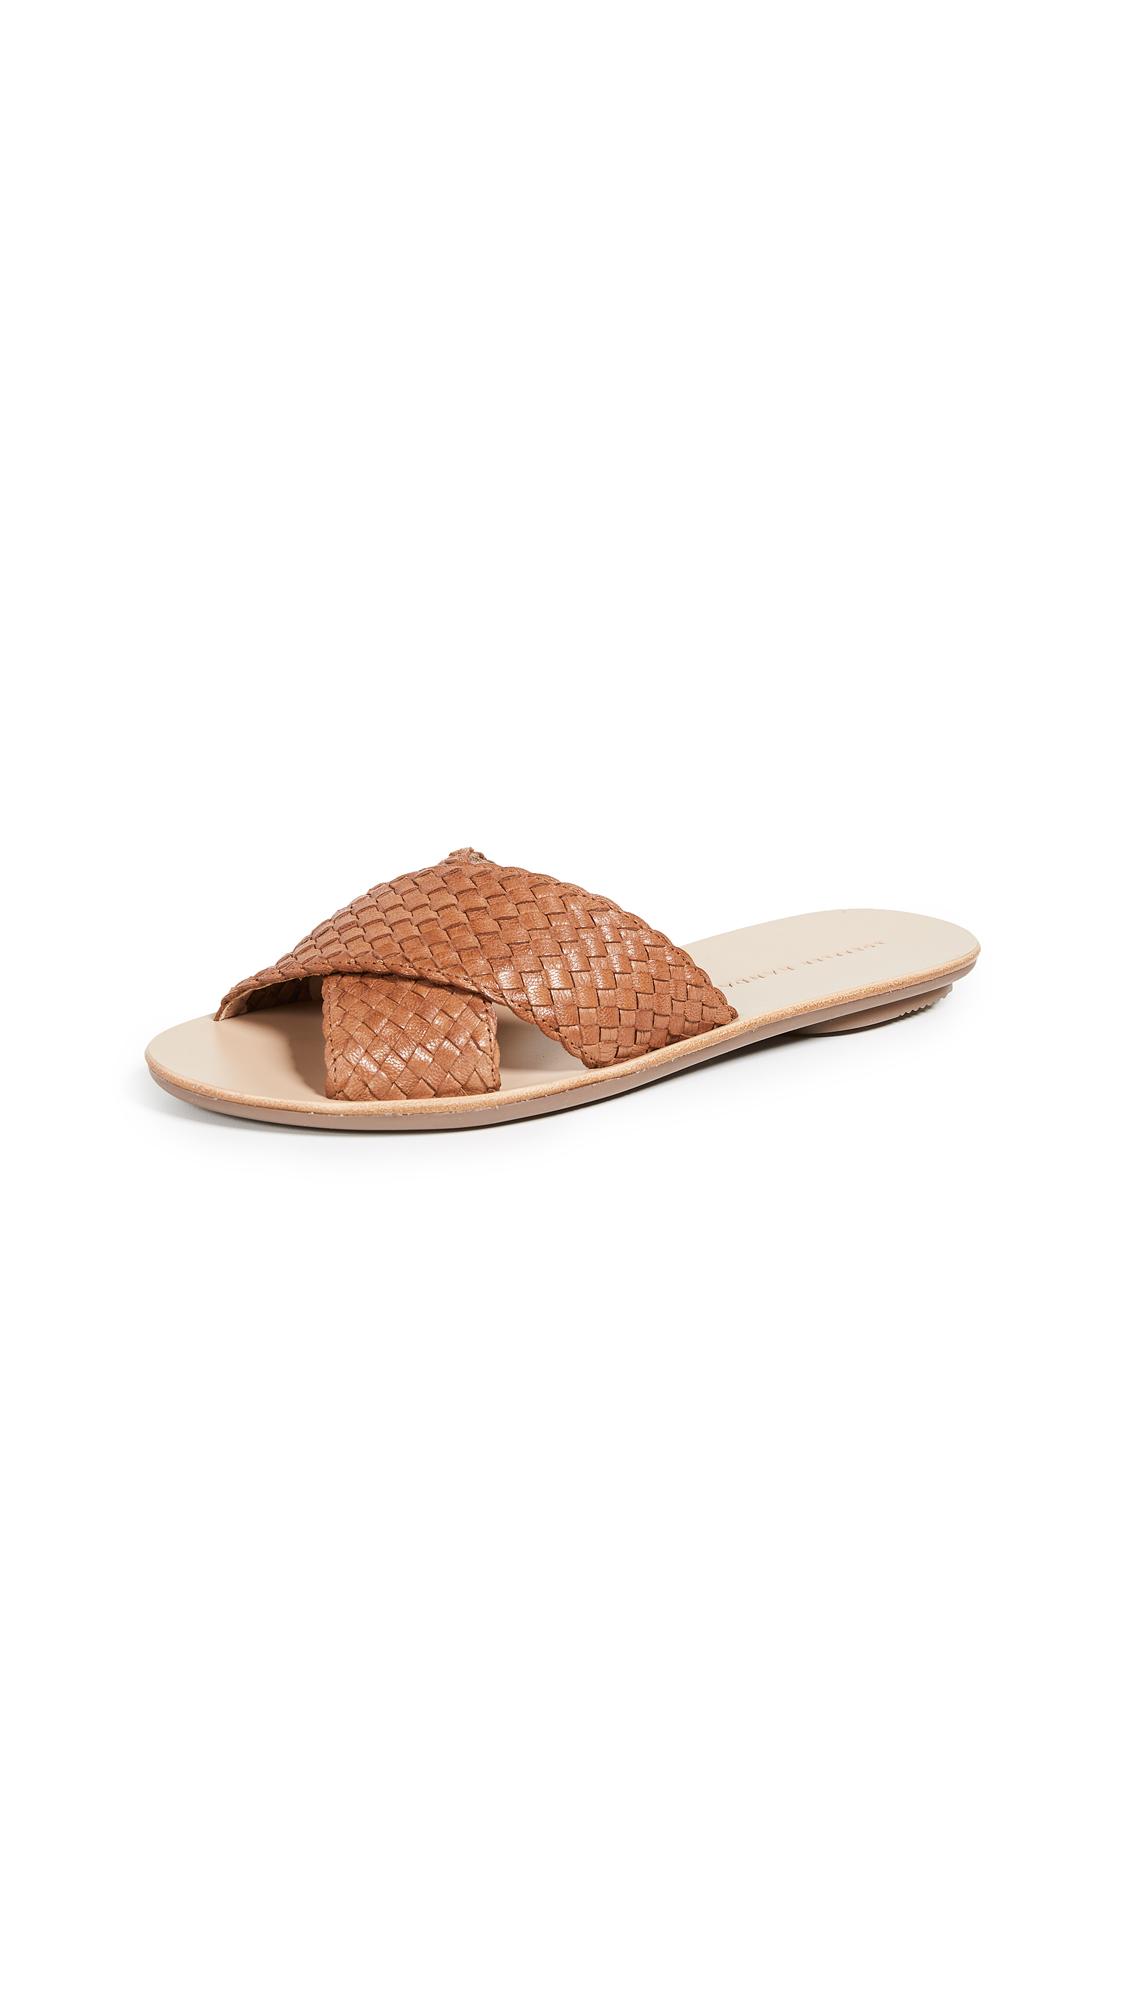 Photo of Loeffler Randall Claudie Slide Sandals online shoes sales